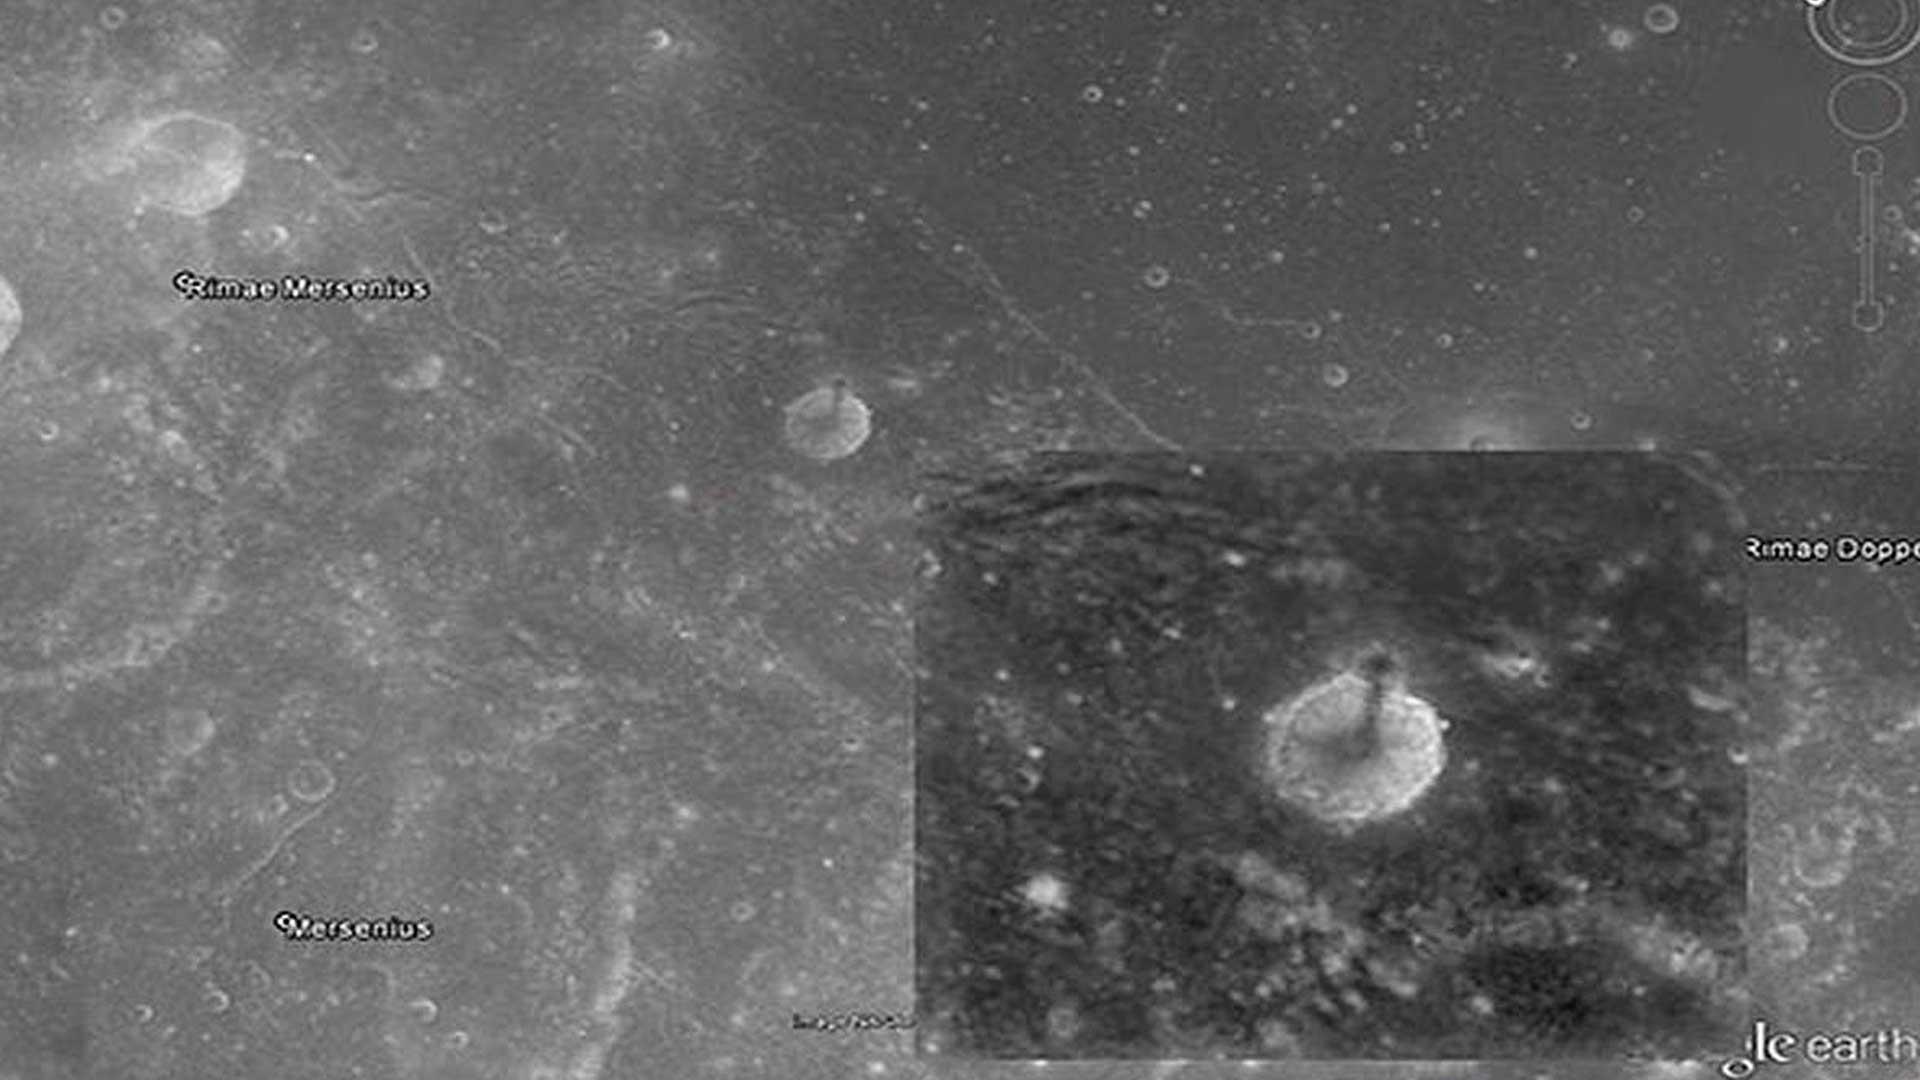 ¿Qué es esta rara espiral en la superficie de la Luna? Estos son los datos